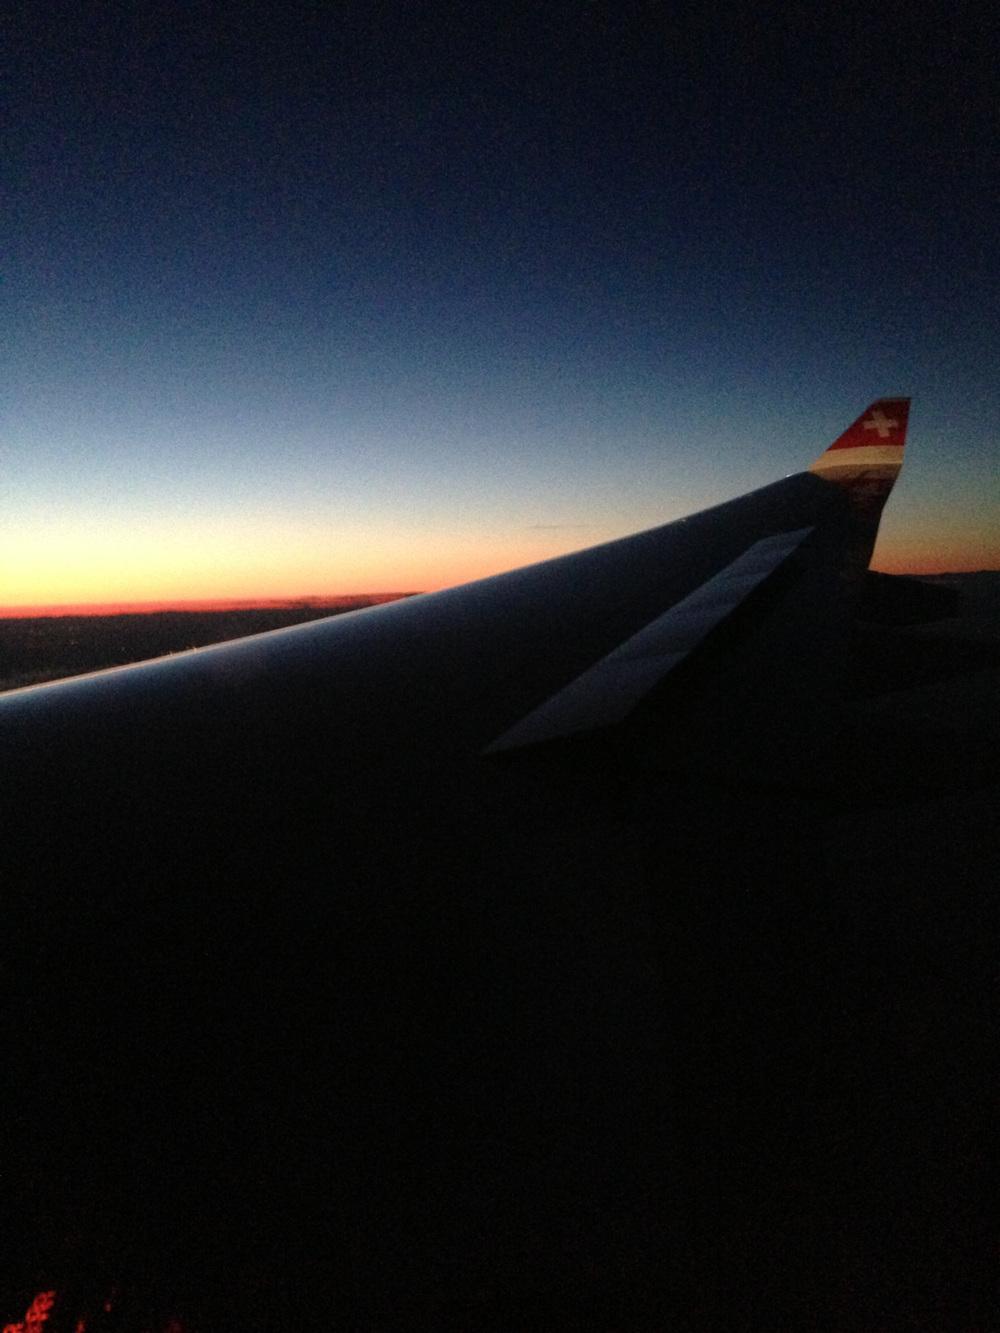 2013.09.08 Flying Back